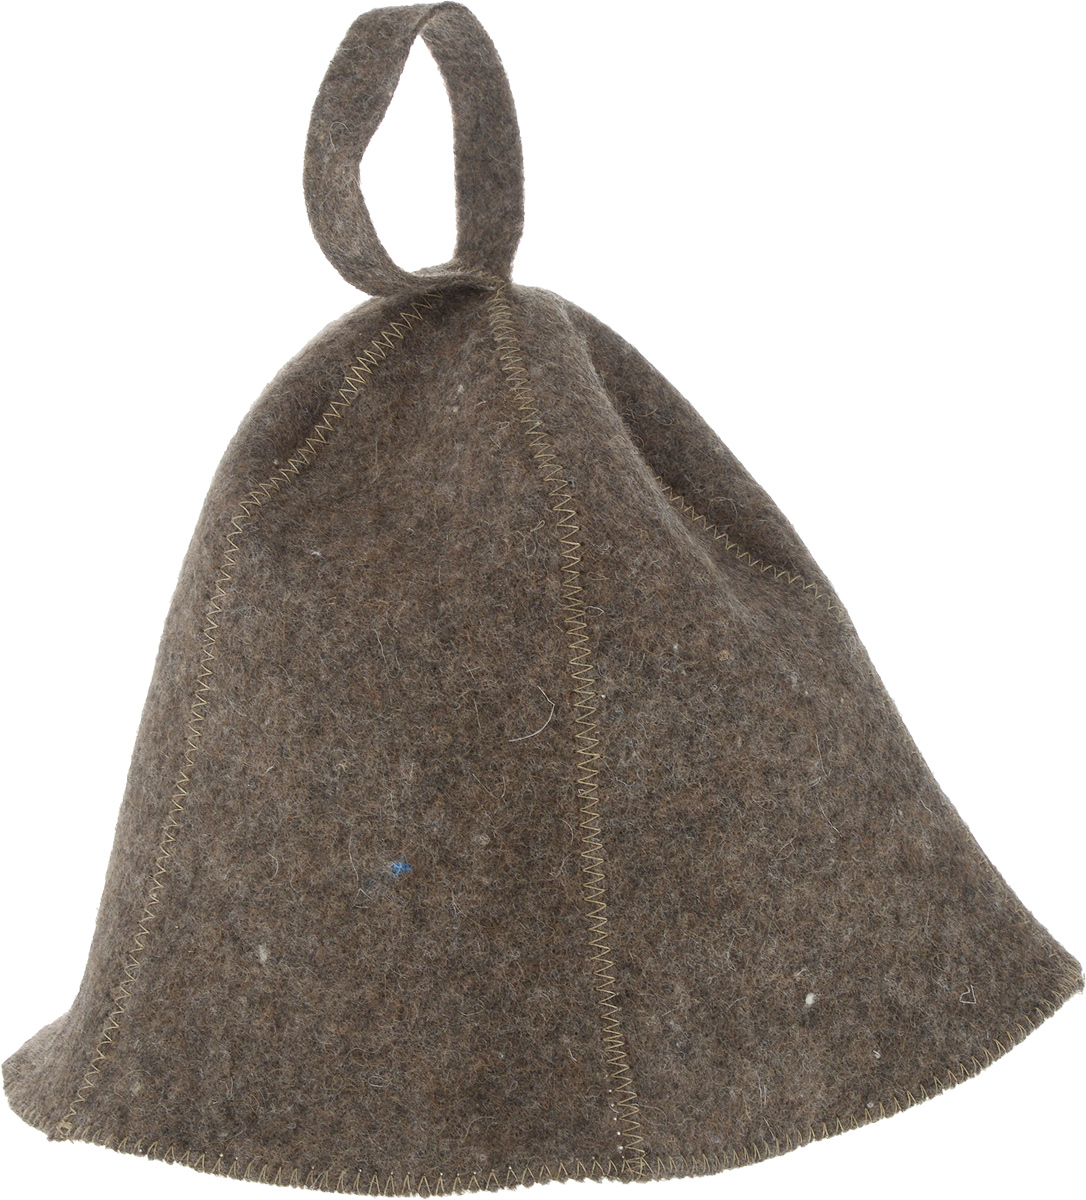 Шапка для бани и сауны Ecology Sauna Эконом, цвет: серо-коричневыйДЮН-ЭК-001Необходимый предмет в бане и сауне. Изготовлен из овечий шерсти. Защищает голову от перегрева и ожогов. Прекрасно впитывает влагу и пот. Сделает Ваше посещение парилки комфортным и безопасным. Колпак для сауны не только предохраняет от вредного воздействия, но и является модным аксессуаром. Может быть отличным подарком к празднику .